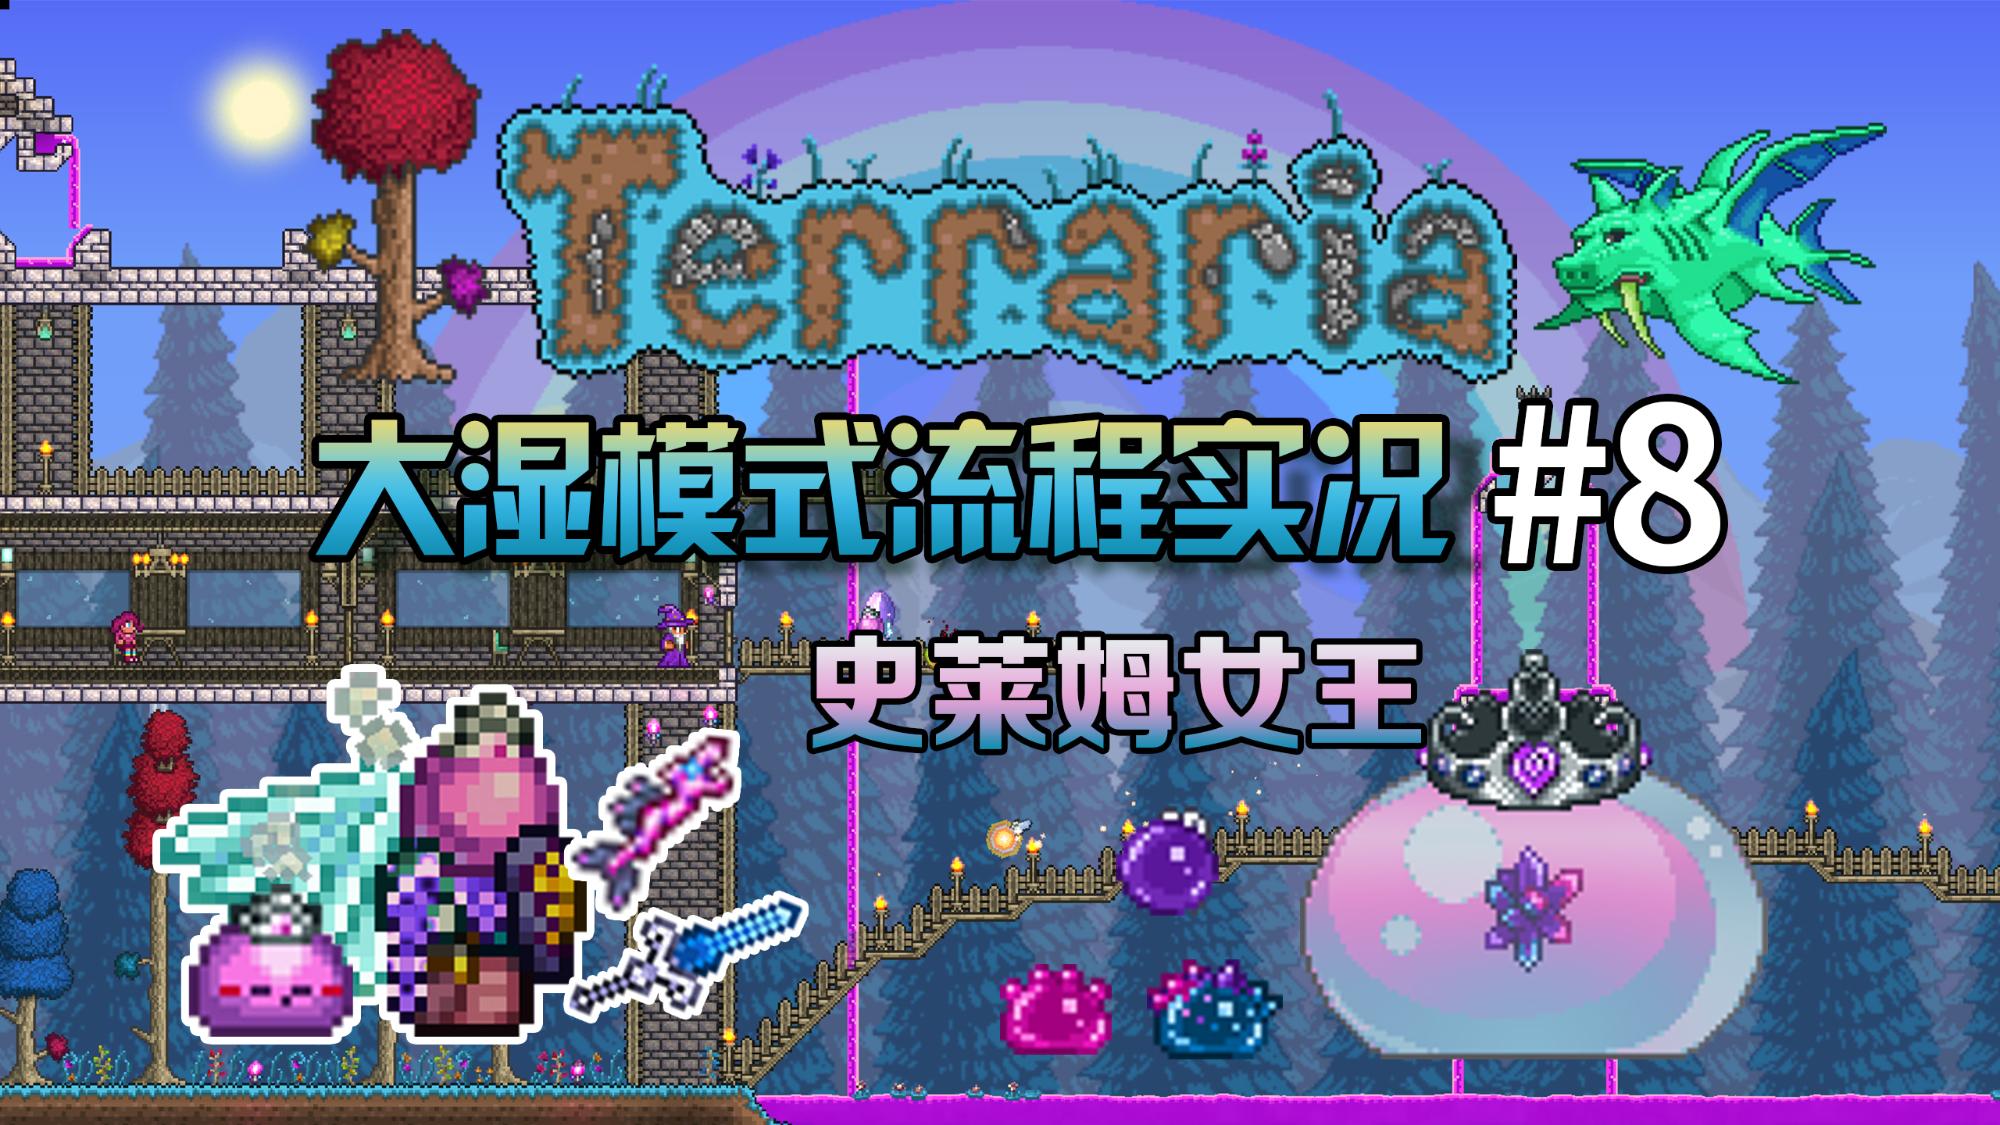 【丁菊长】史莱姆女王!【泰拉瑞亚 terraria】1.4大师模式流程实况解说第8期